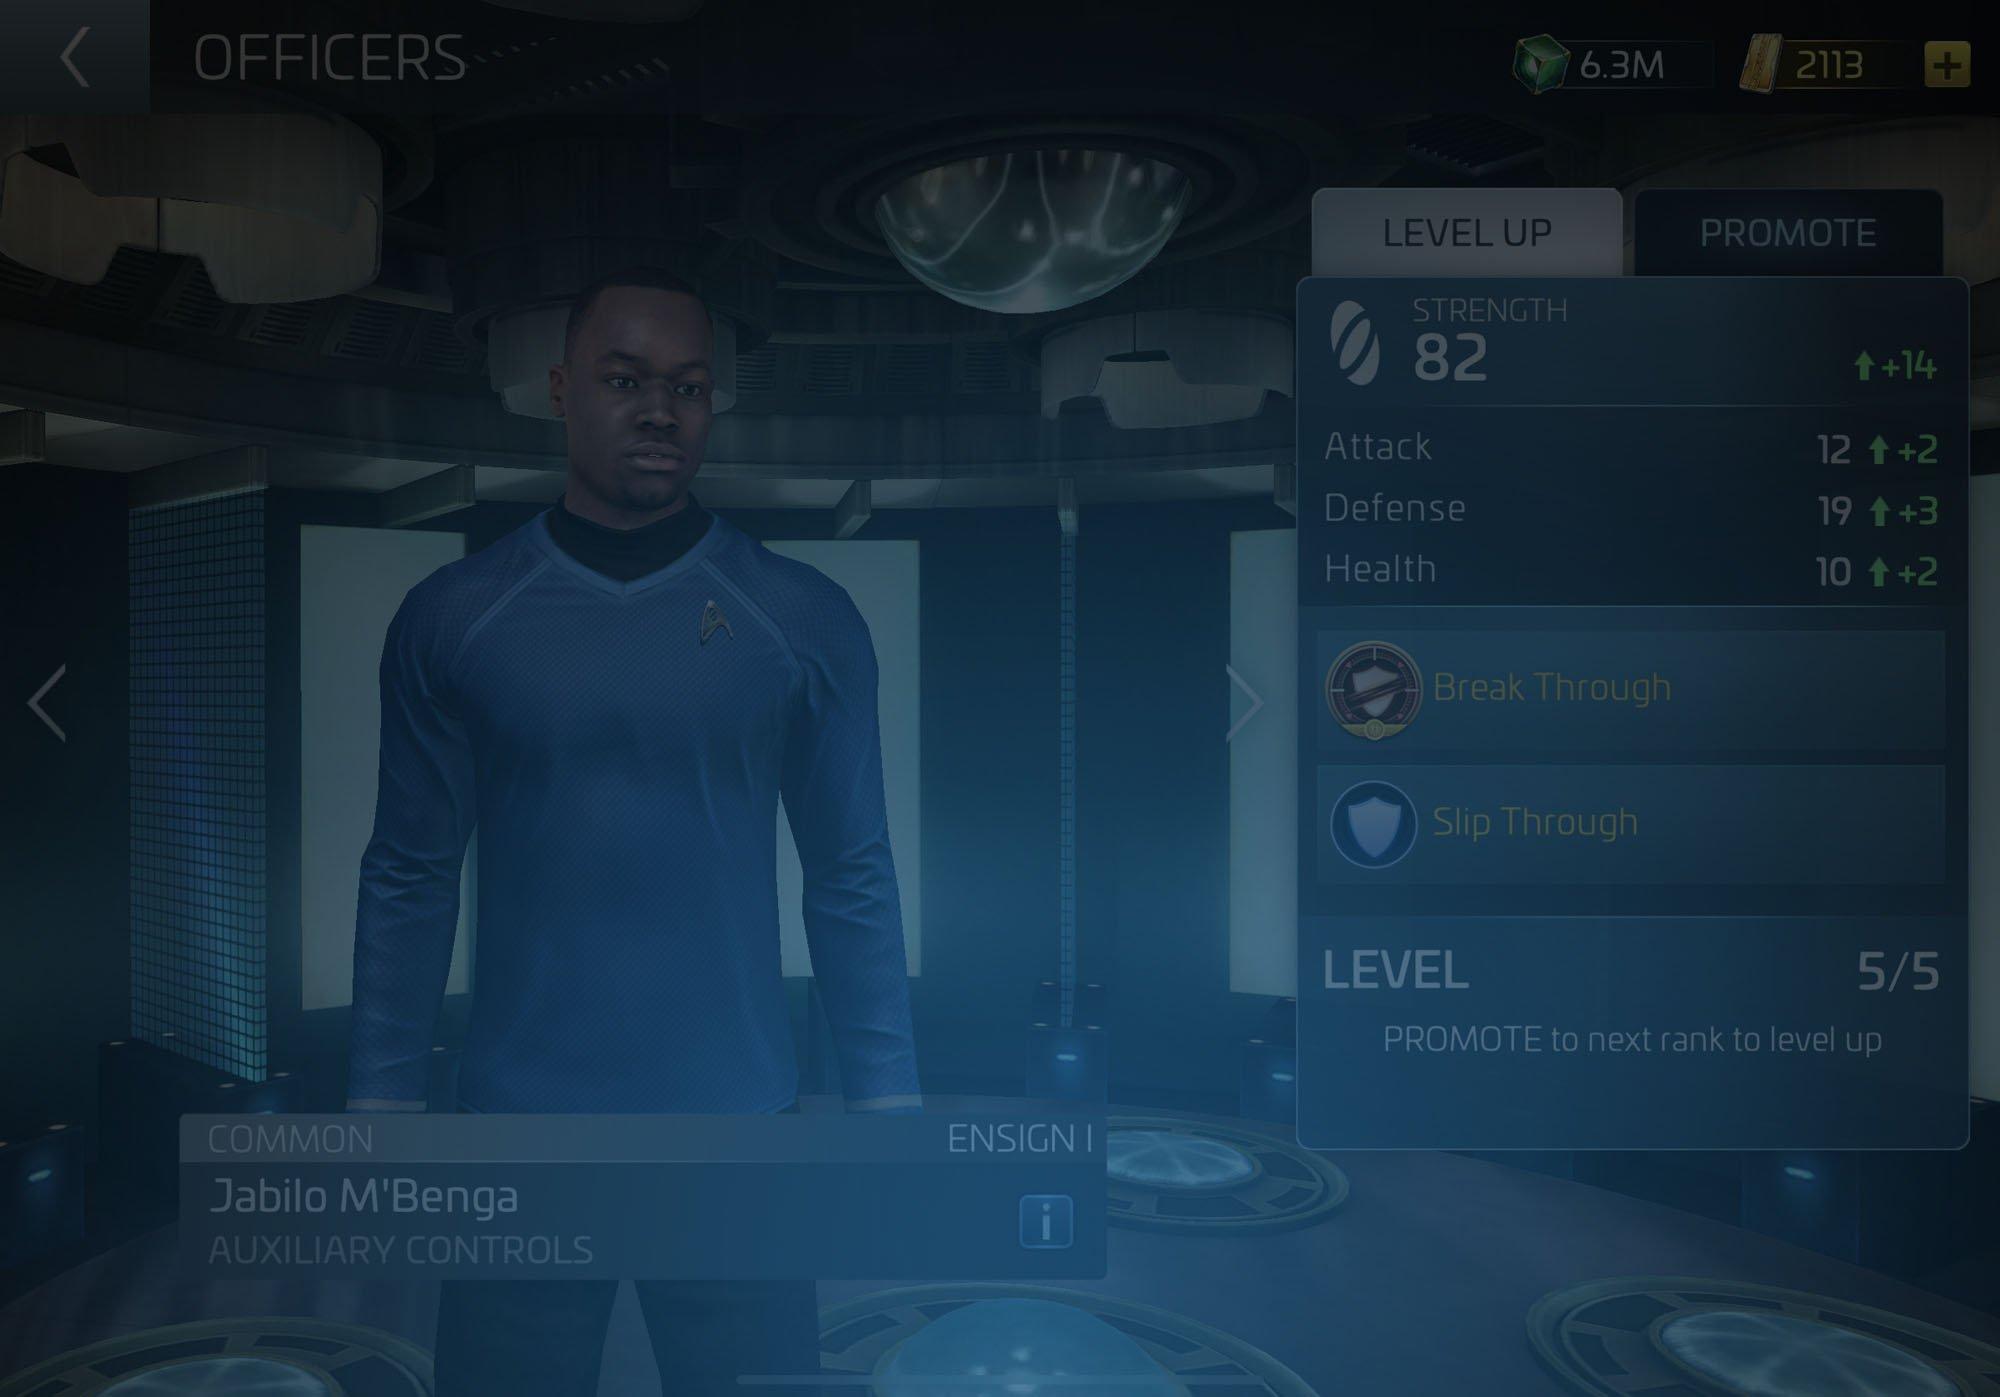 Officer Jabilo M'Benga